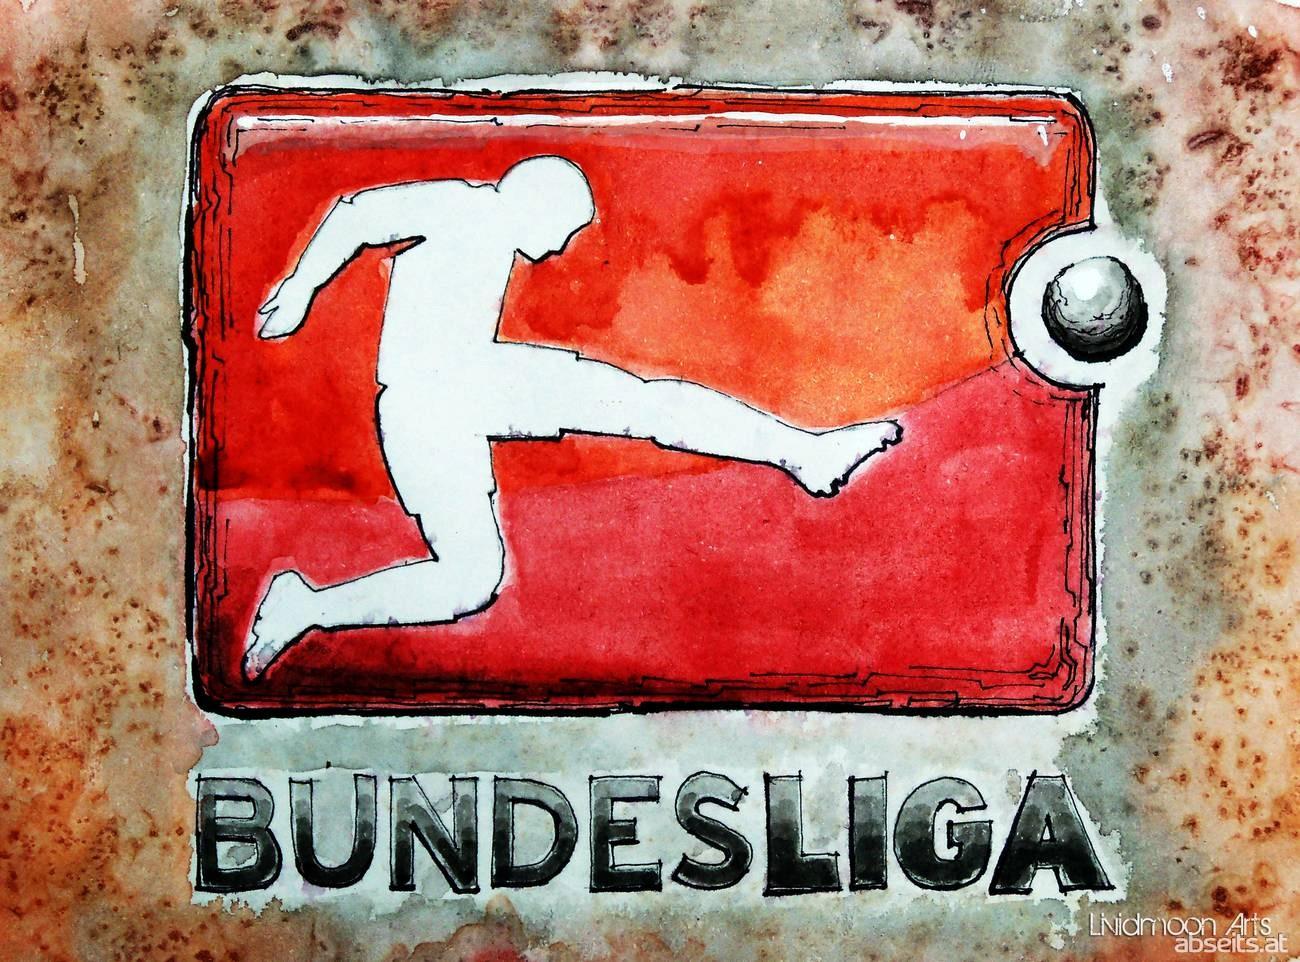 Deutsche BUndesliga_abseits.at